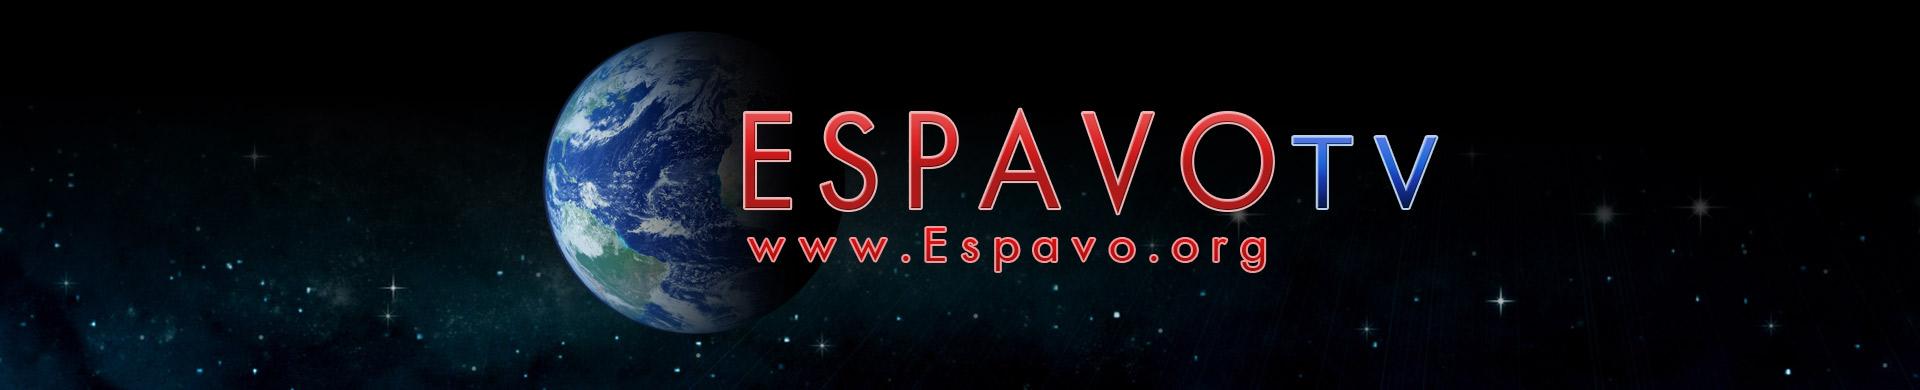 espavotv-banner